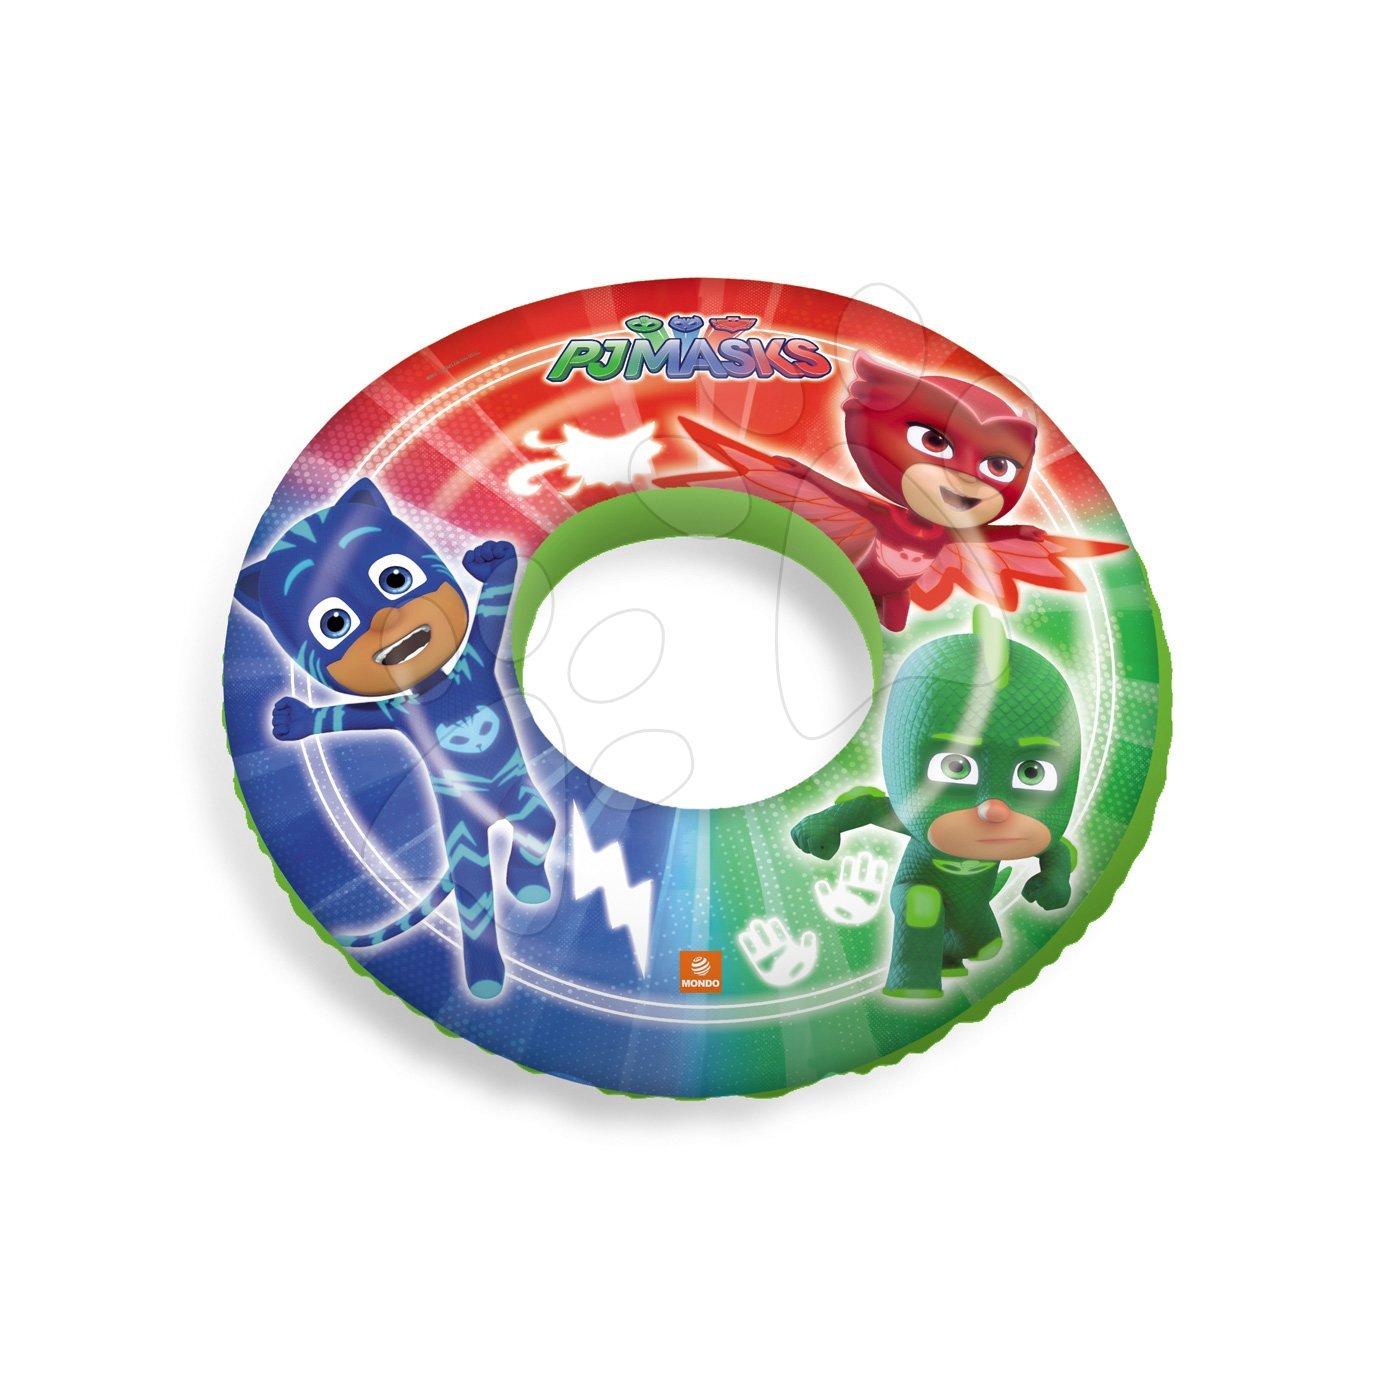 Obruč za plivanje na napuhavanje PJ Masks Mondo 50 cm, od 12 mjeseci